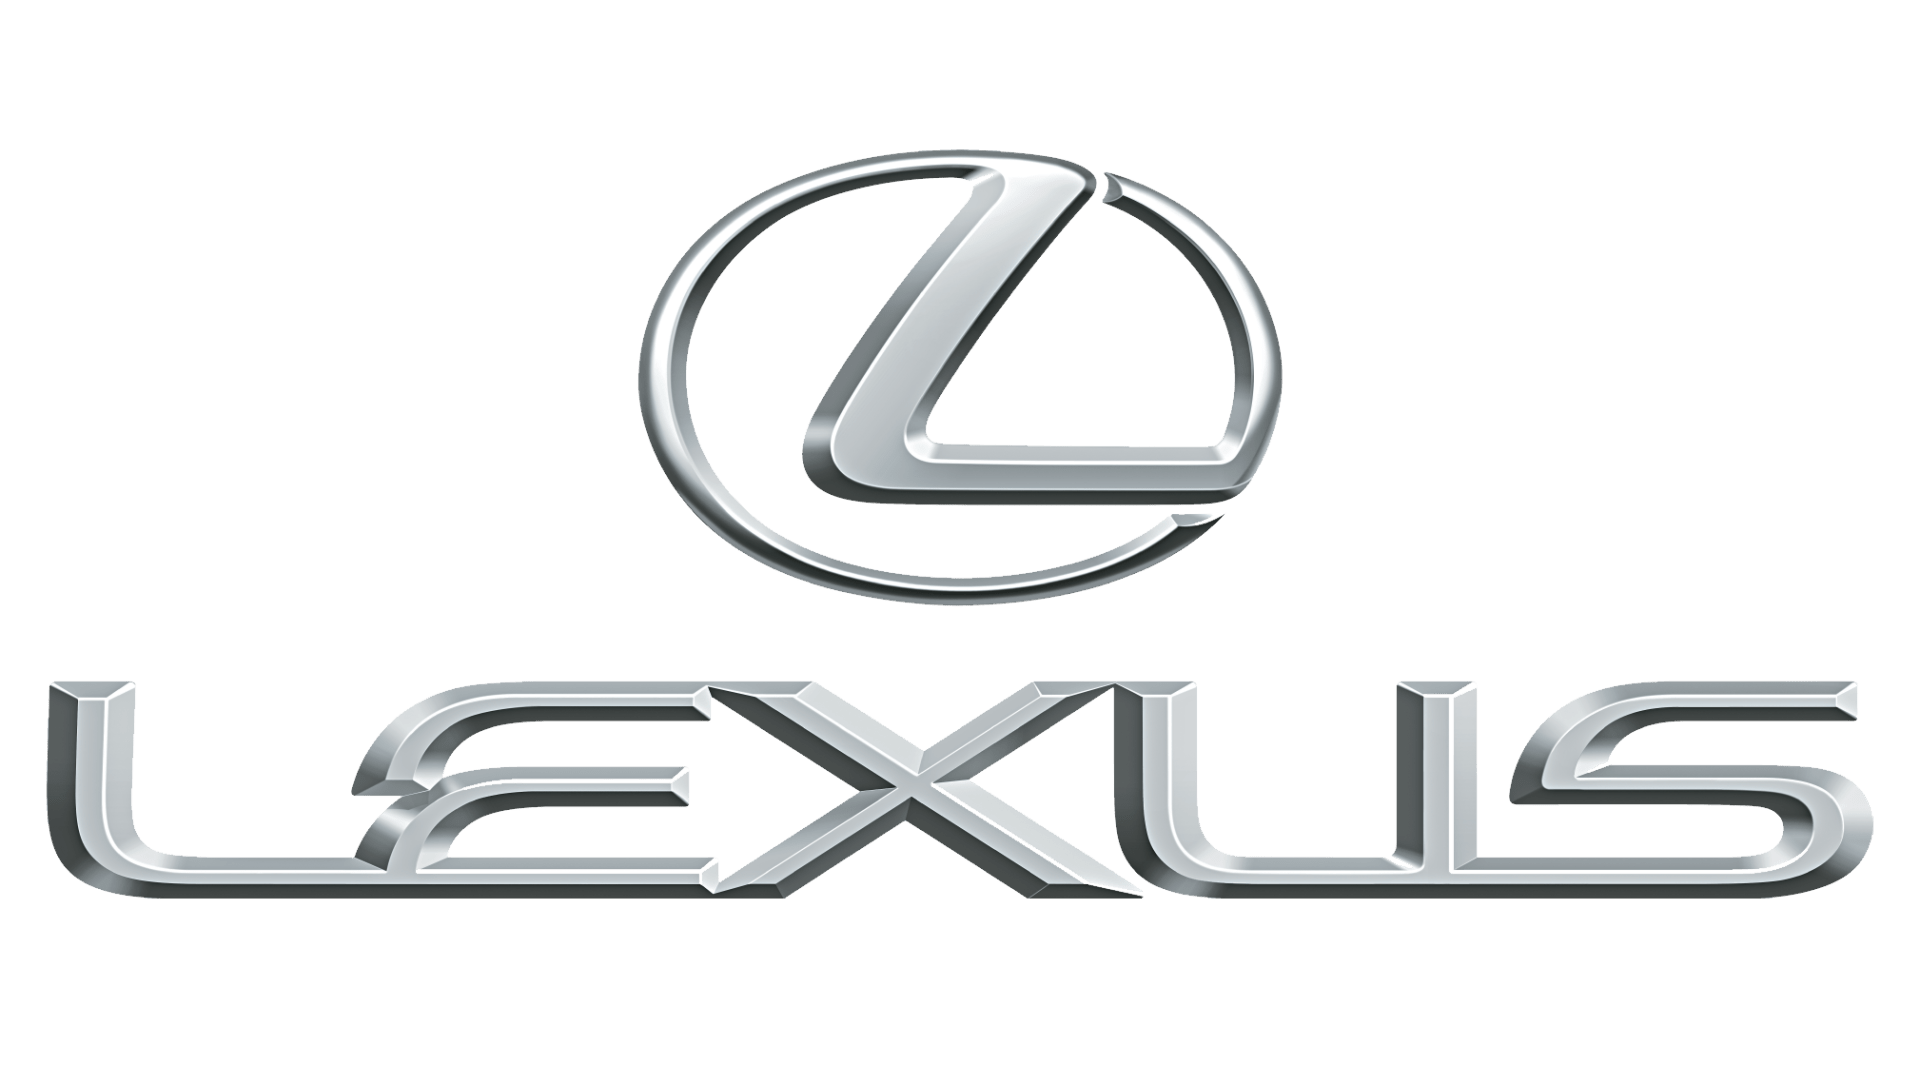 Логотип Lexus